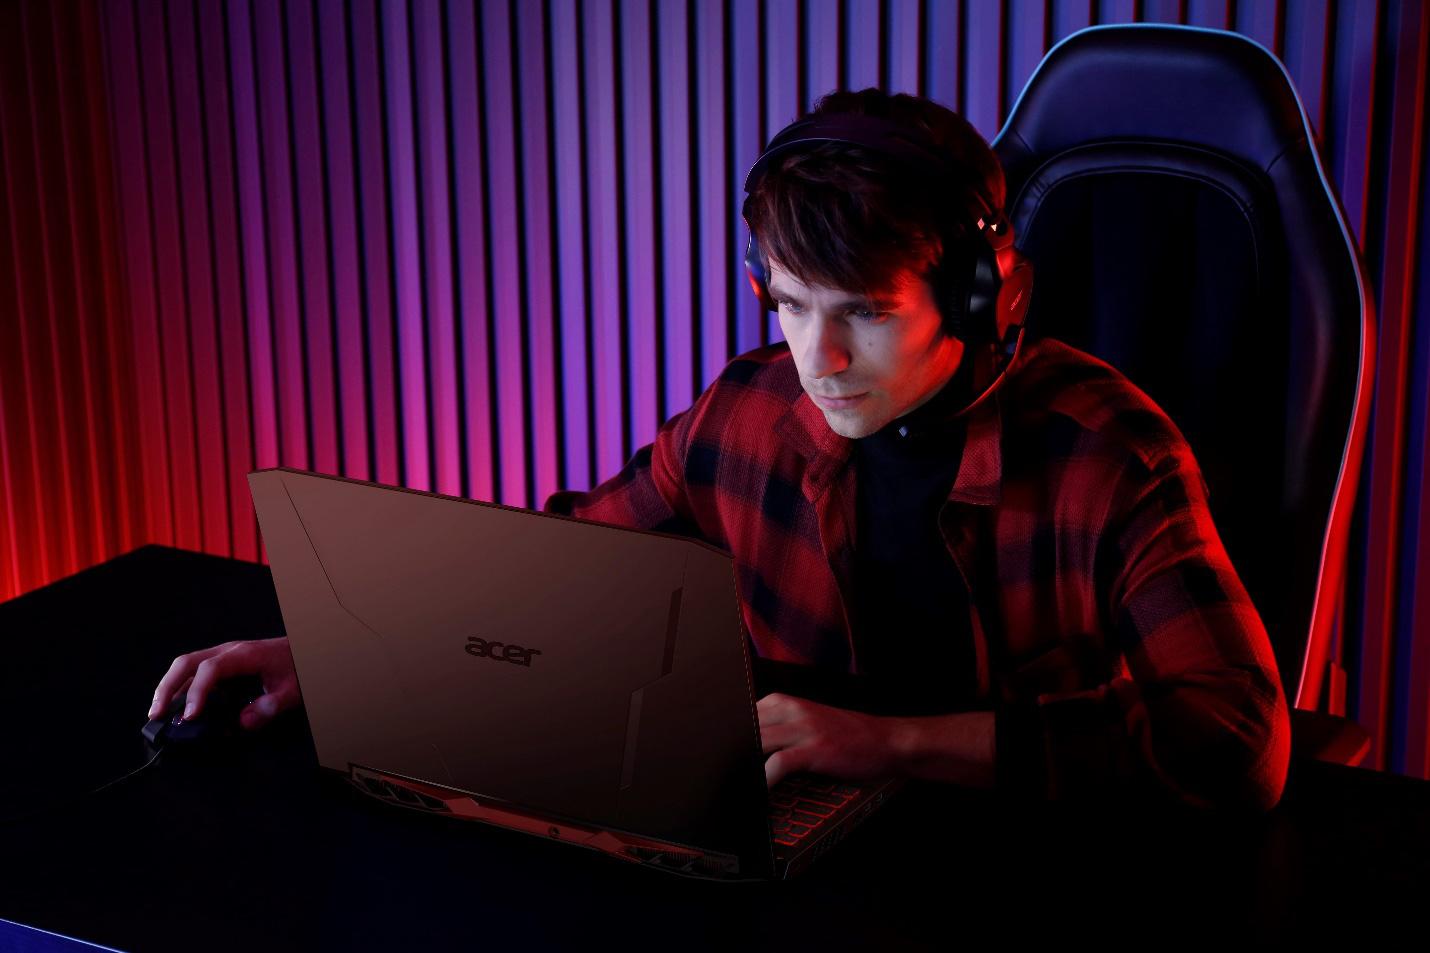 Acer nâng cấp laptop gaming Nitro 5 với diện mạo mới, sử dụng vi xử lý Intel Core thế hệ thứ 11 - Ảnh 3.